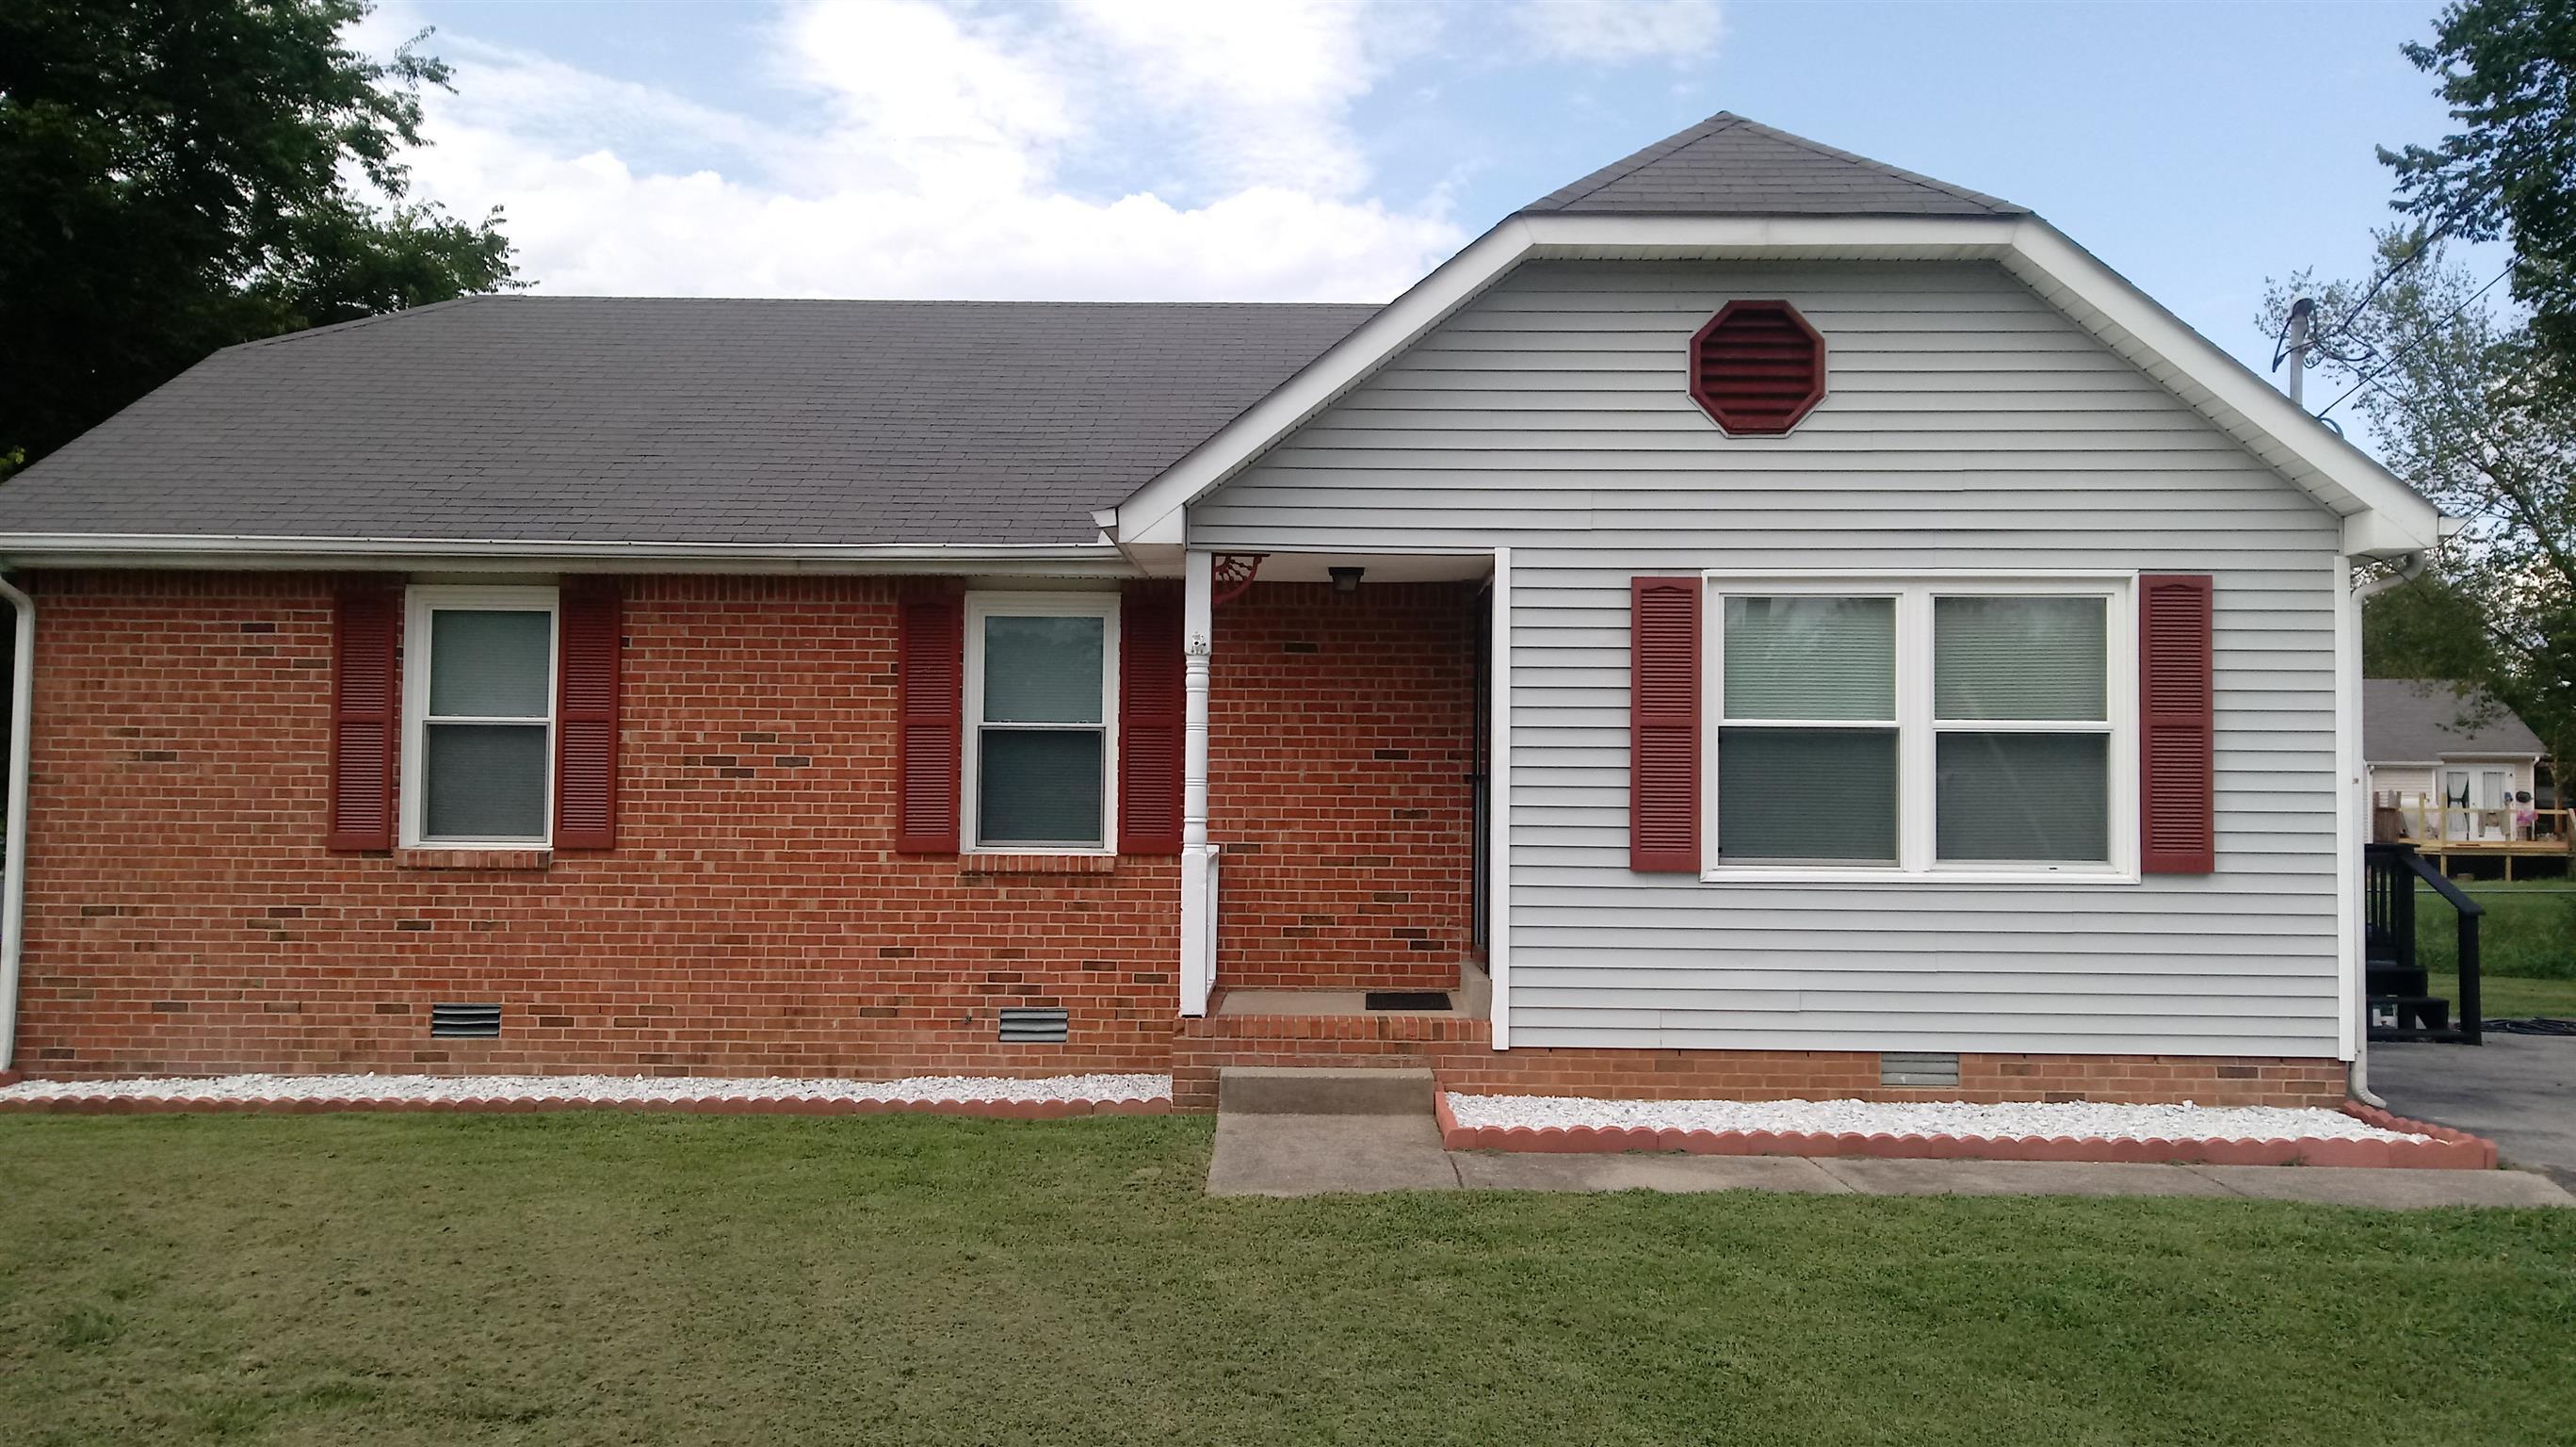 Ben Franklin Est Real Estate Listings Main Image